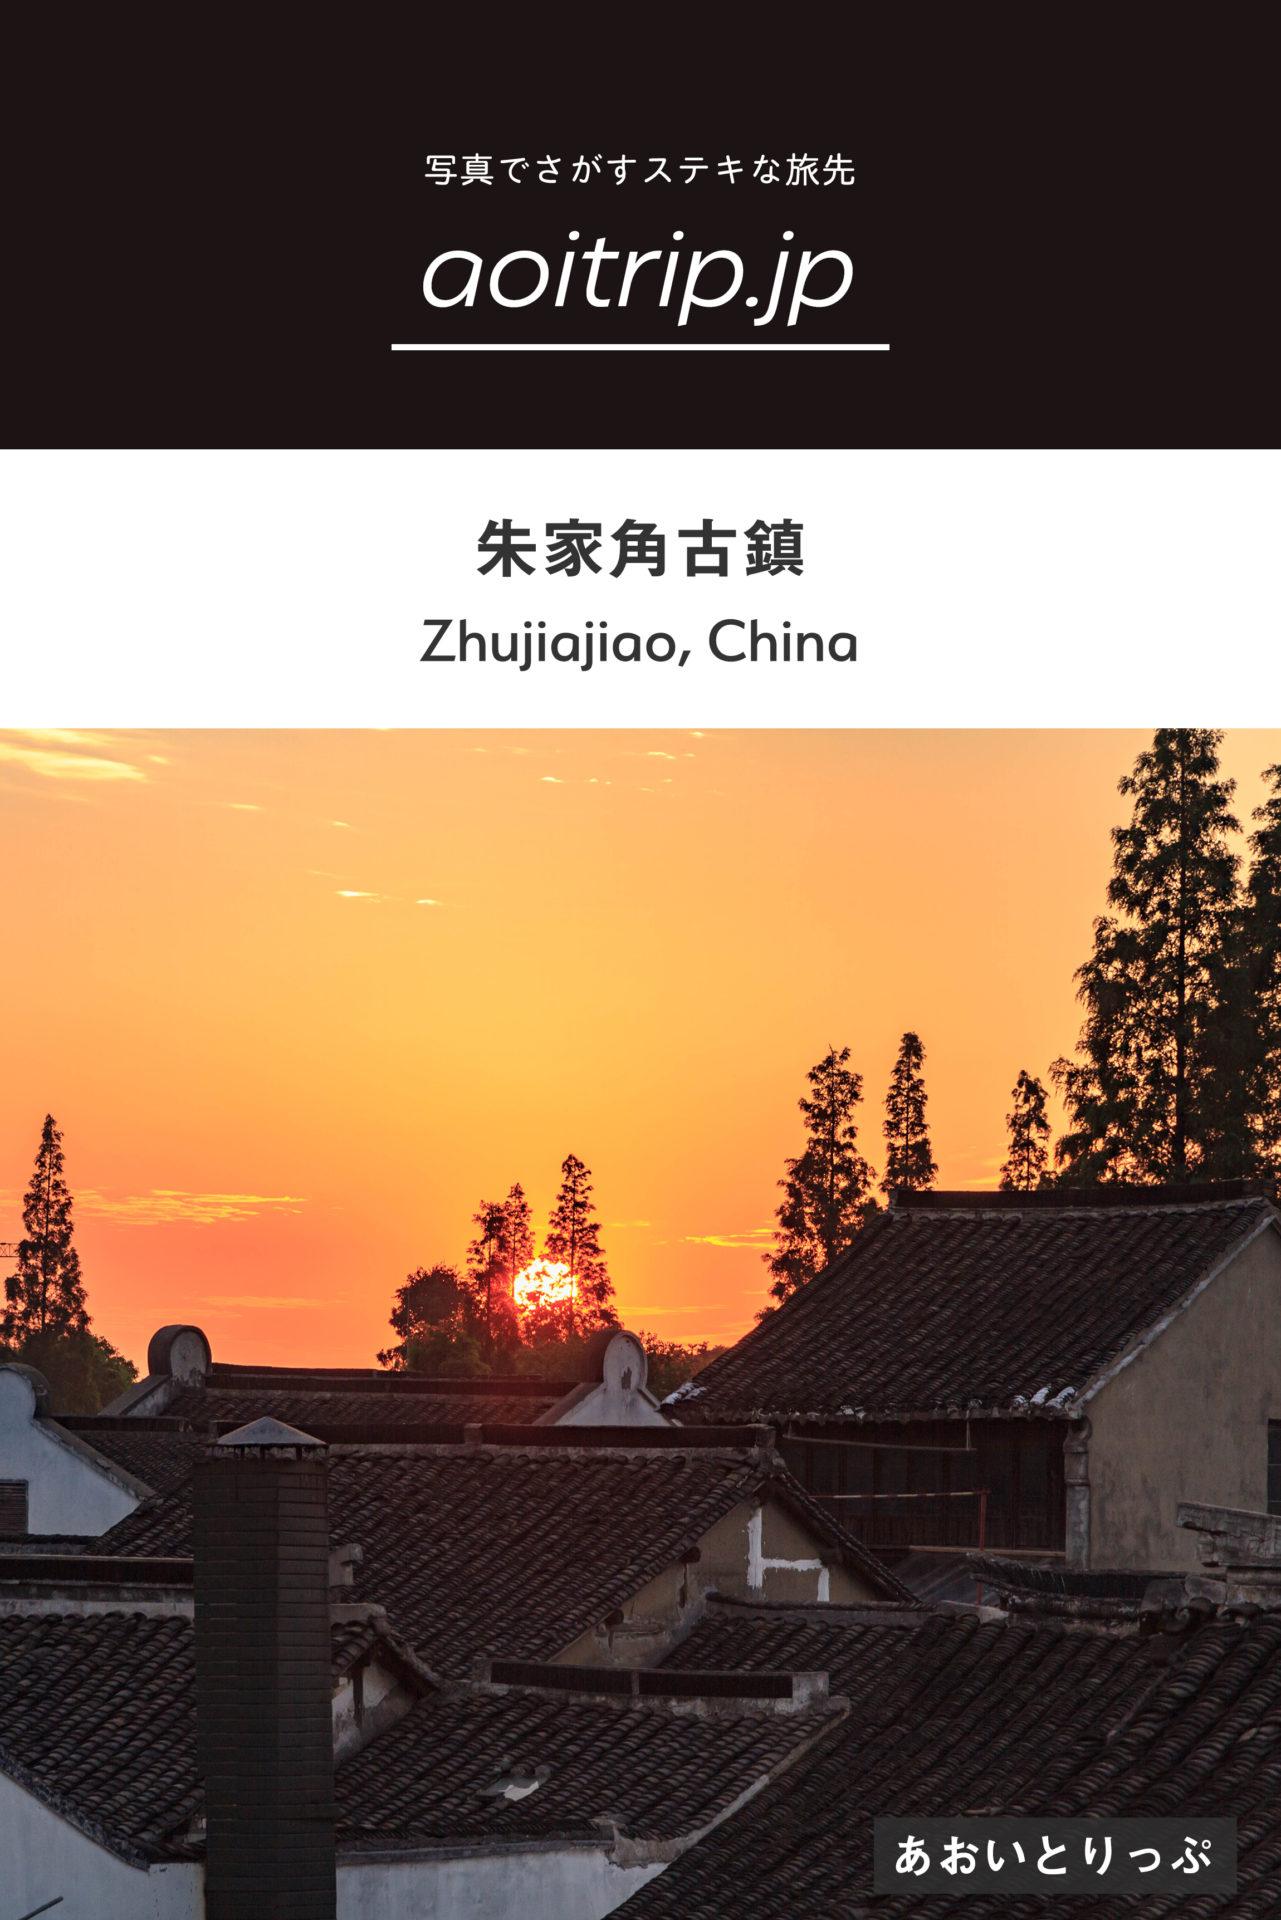 朱家角古鎮(水郷)観光・旅行記 Zhujiajiao, China